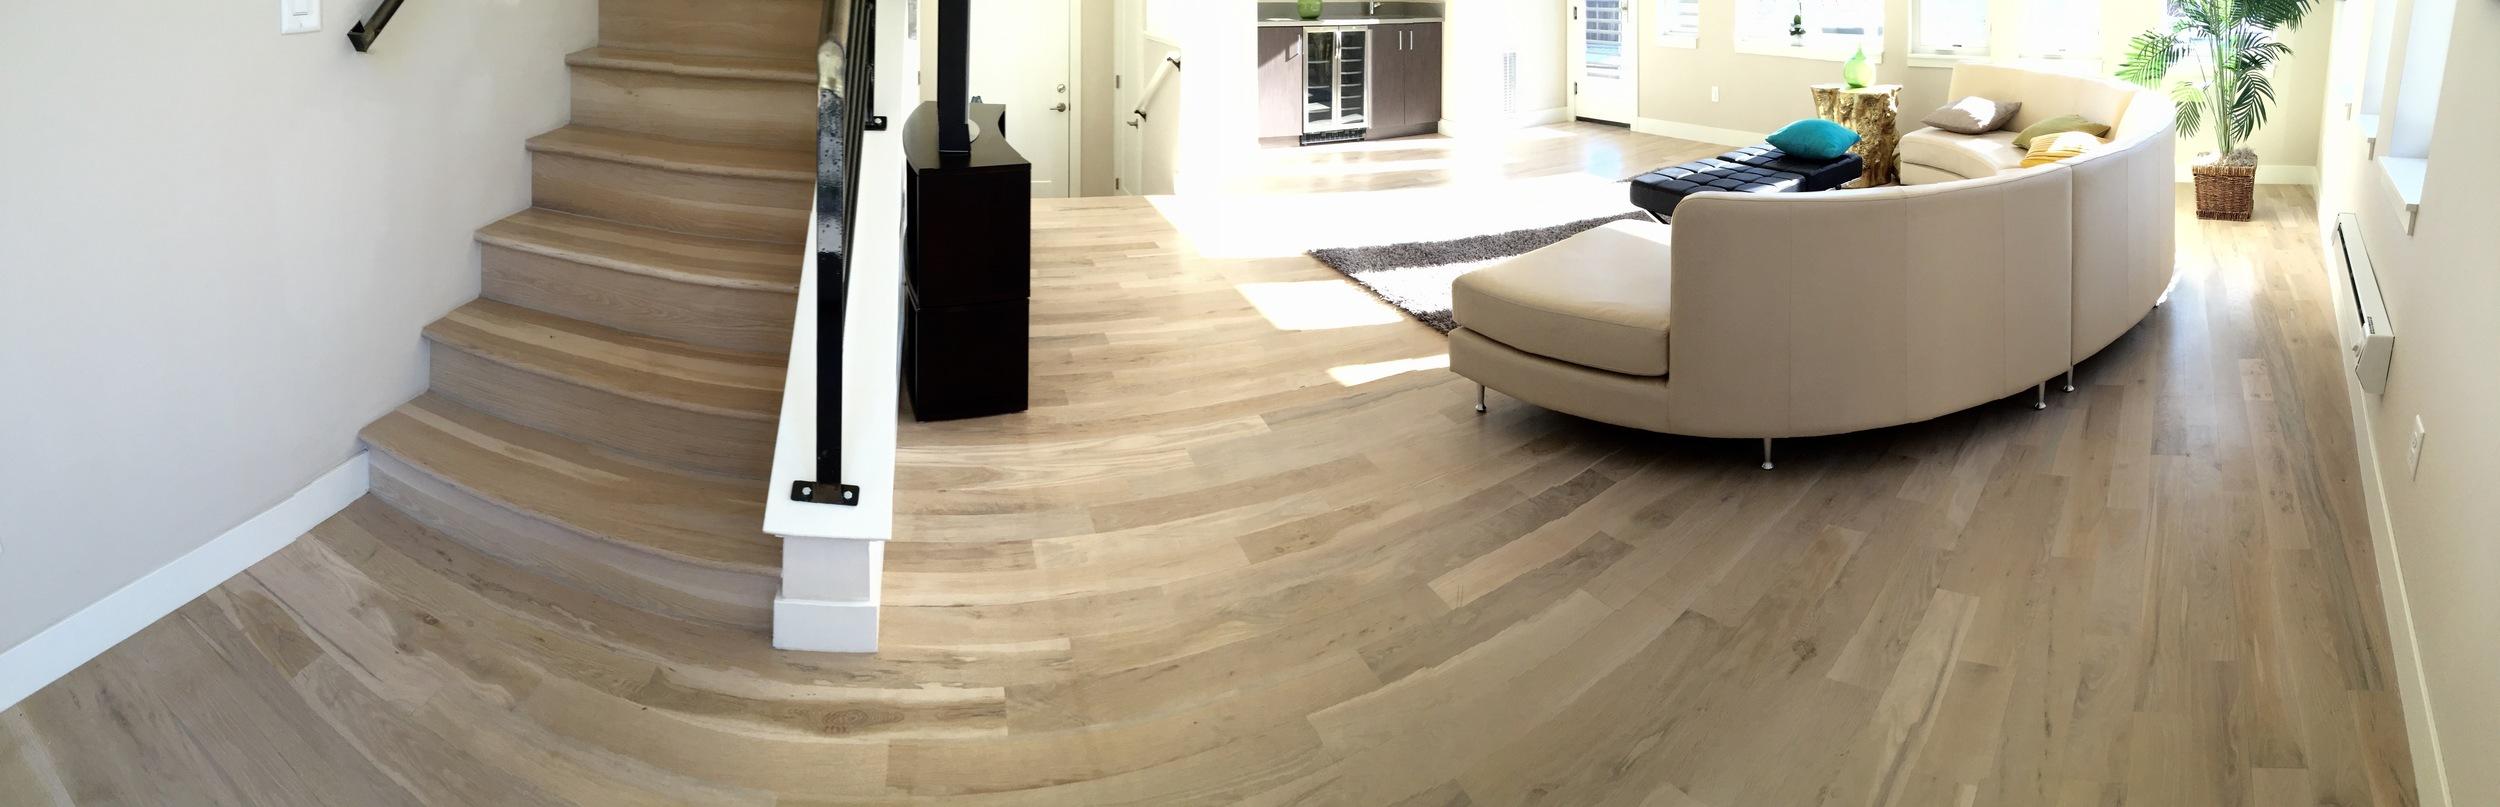 Fourth image of Residential Hardwood Flooring for Tejon Denver by ASA Flooring